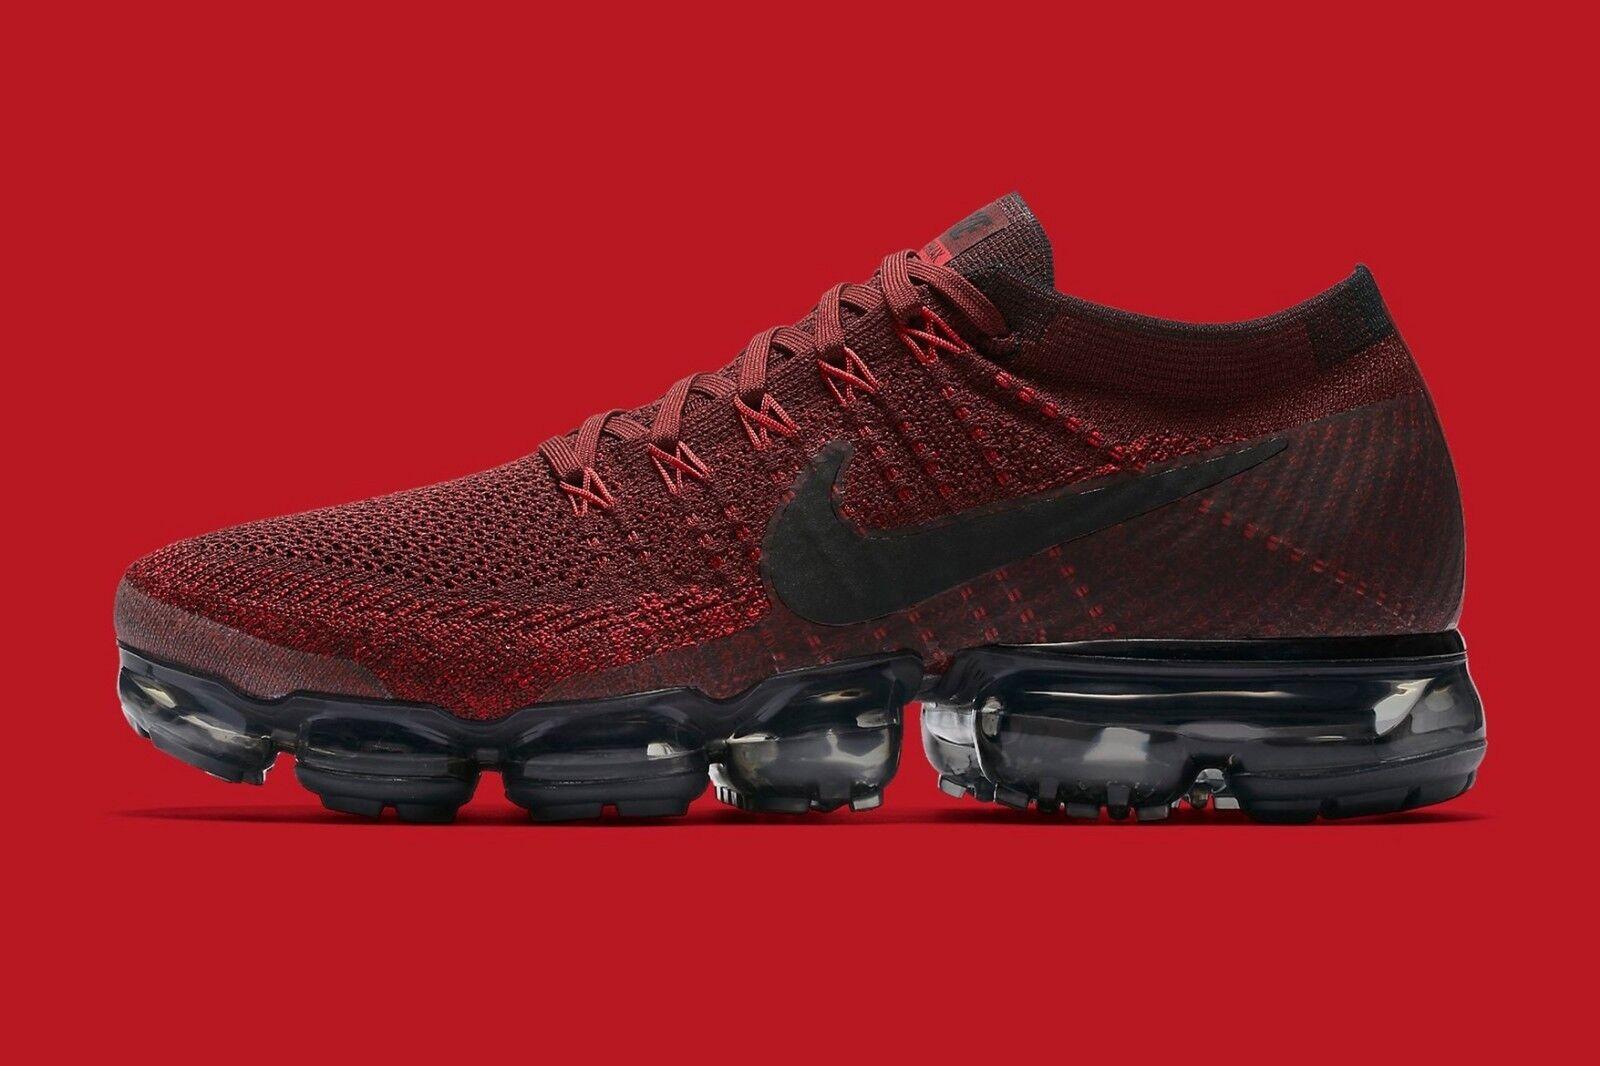 Nike vapormax flyknit profondo rosso di dimensioni 849558-601 air max 90 97 12 2017